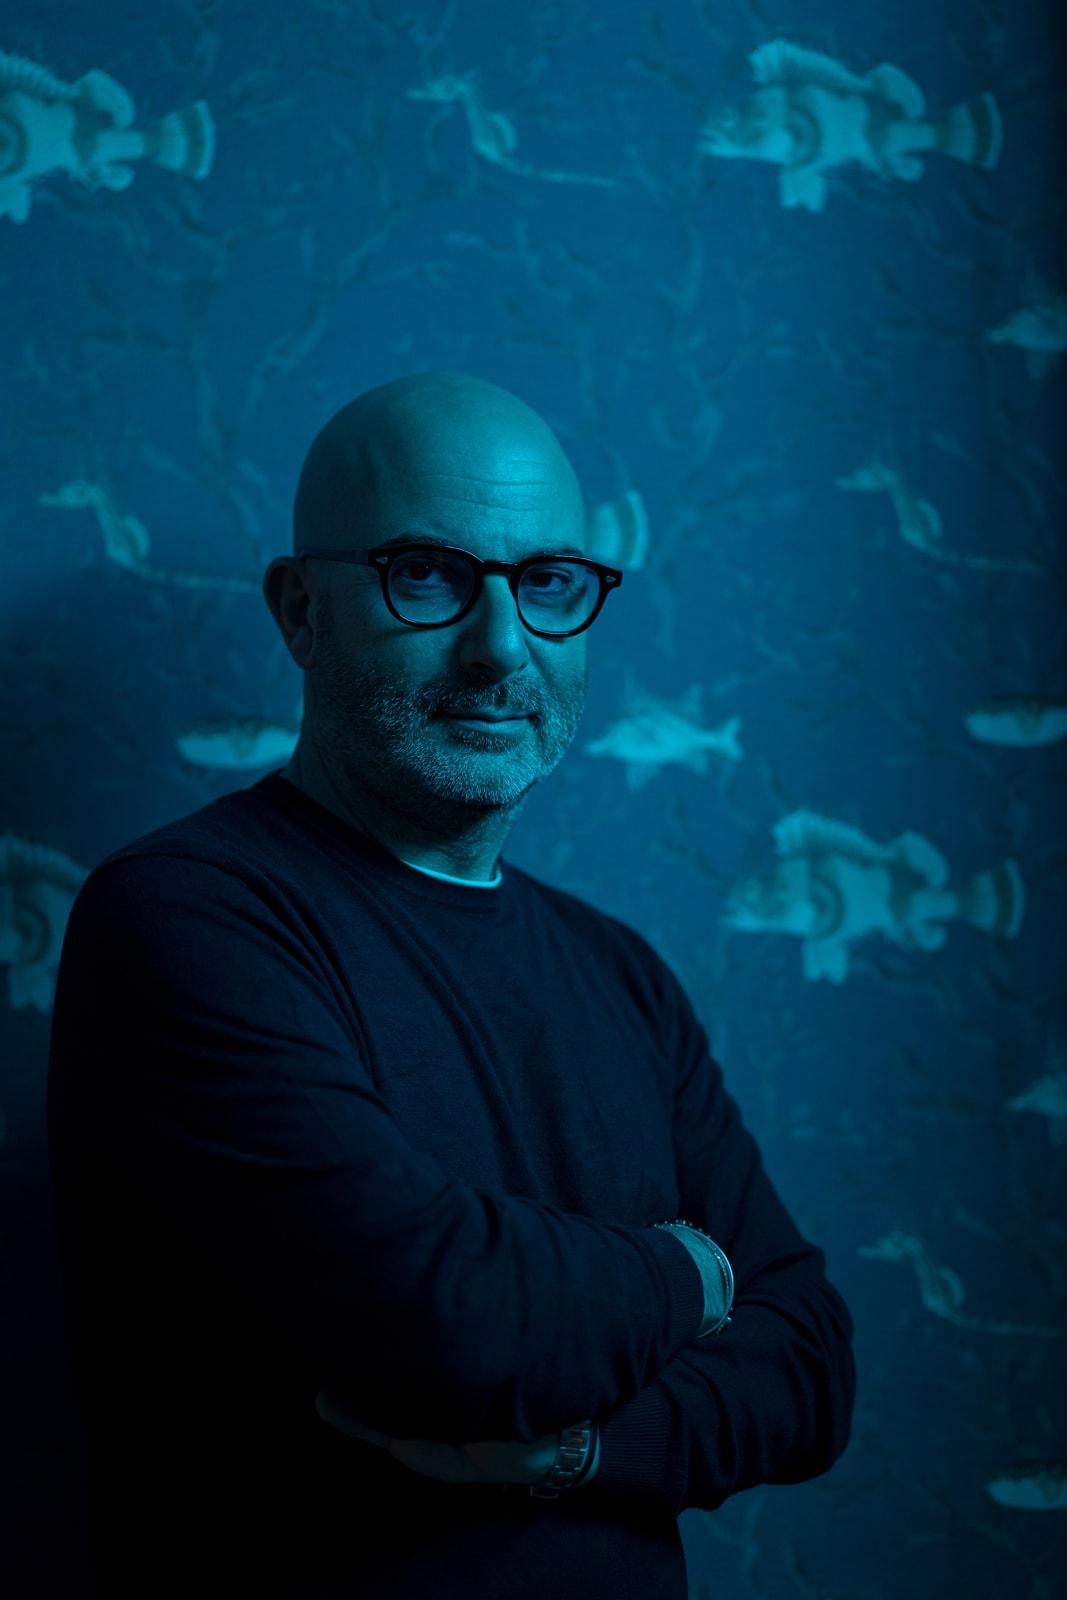 Gianfranco Picone Restaurant Manager - Ritratto Alessandro Mallamaci